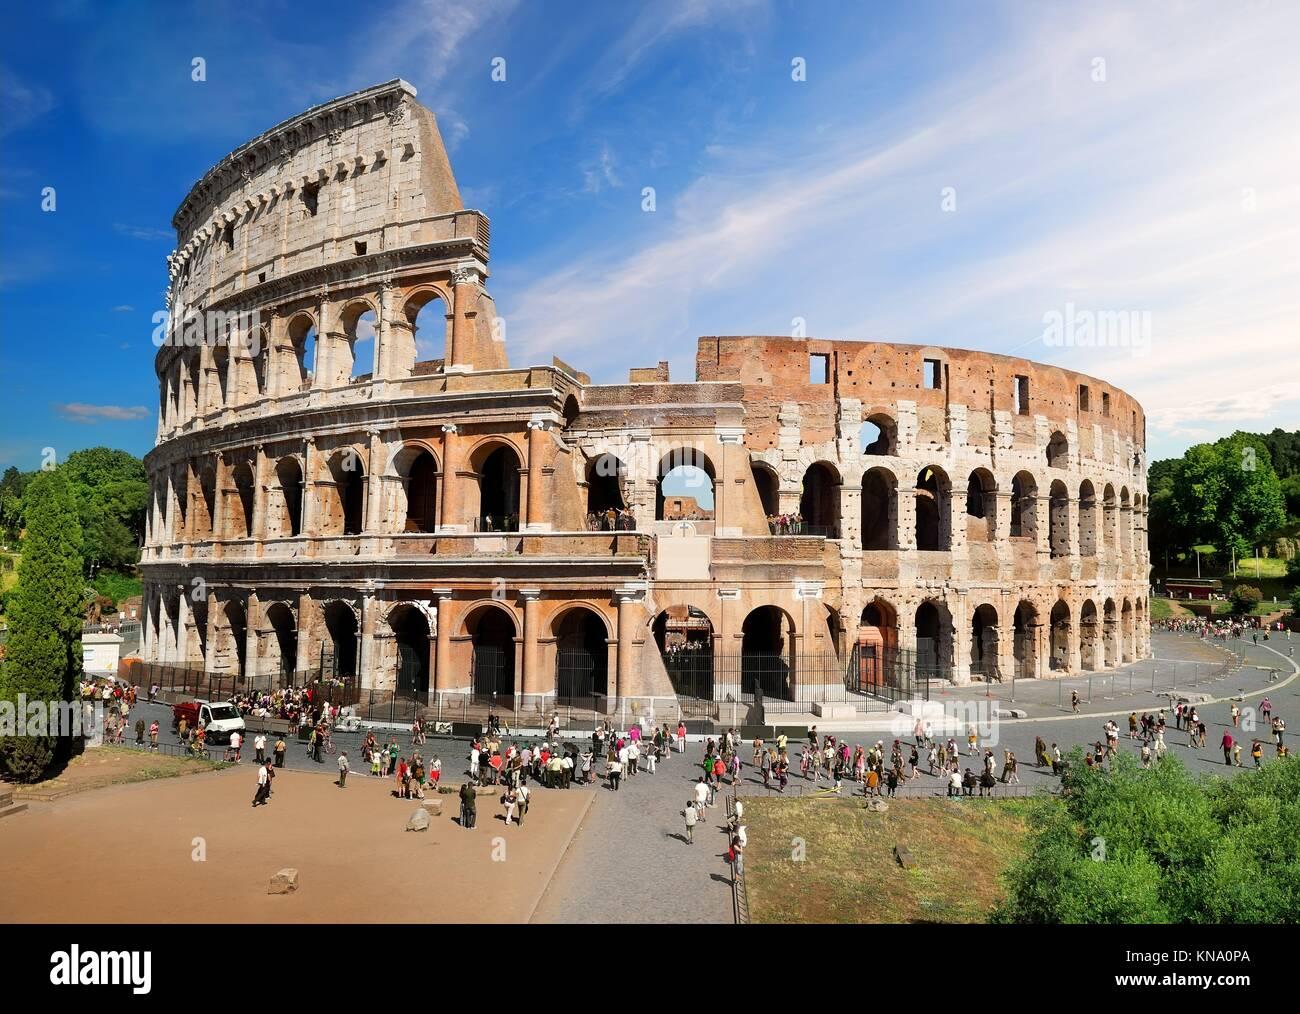 Belle journée d'été au Colisée romain, l'Italie. Photo Stock